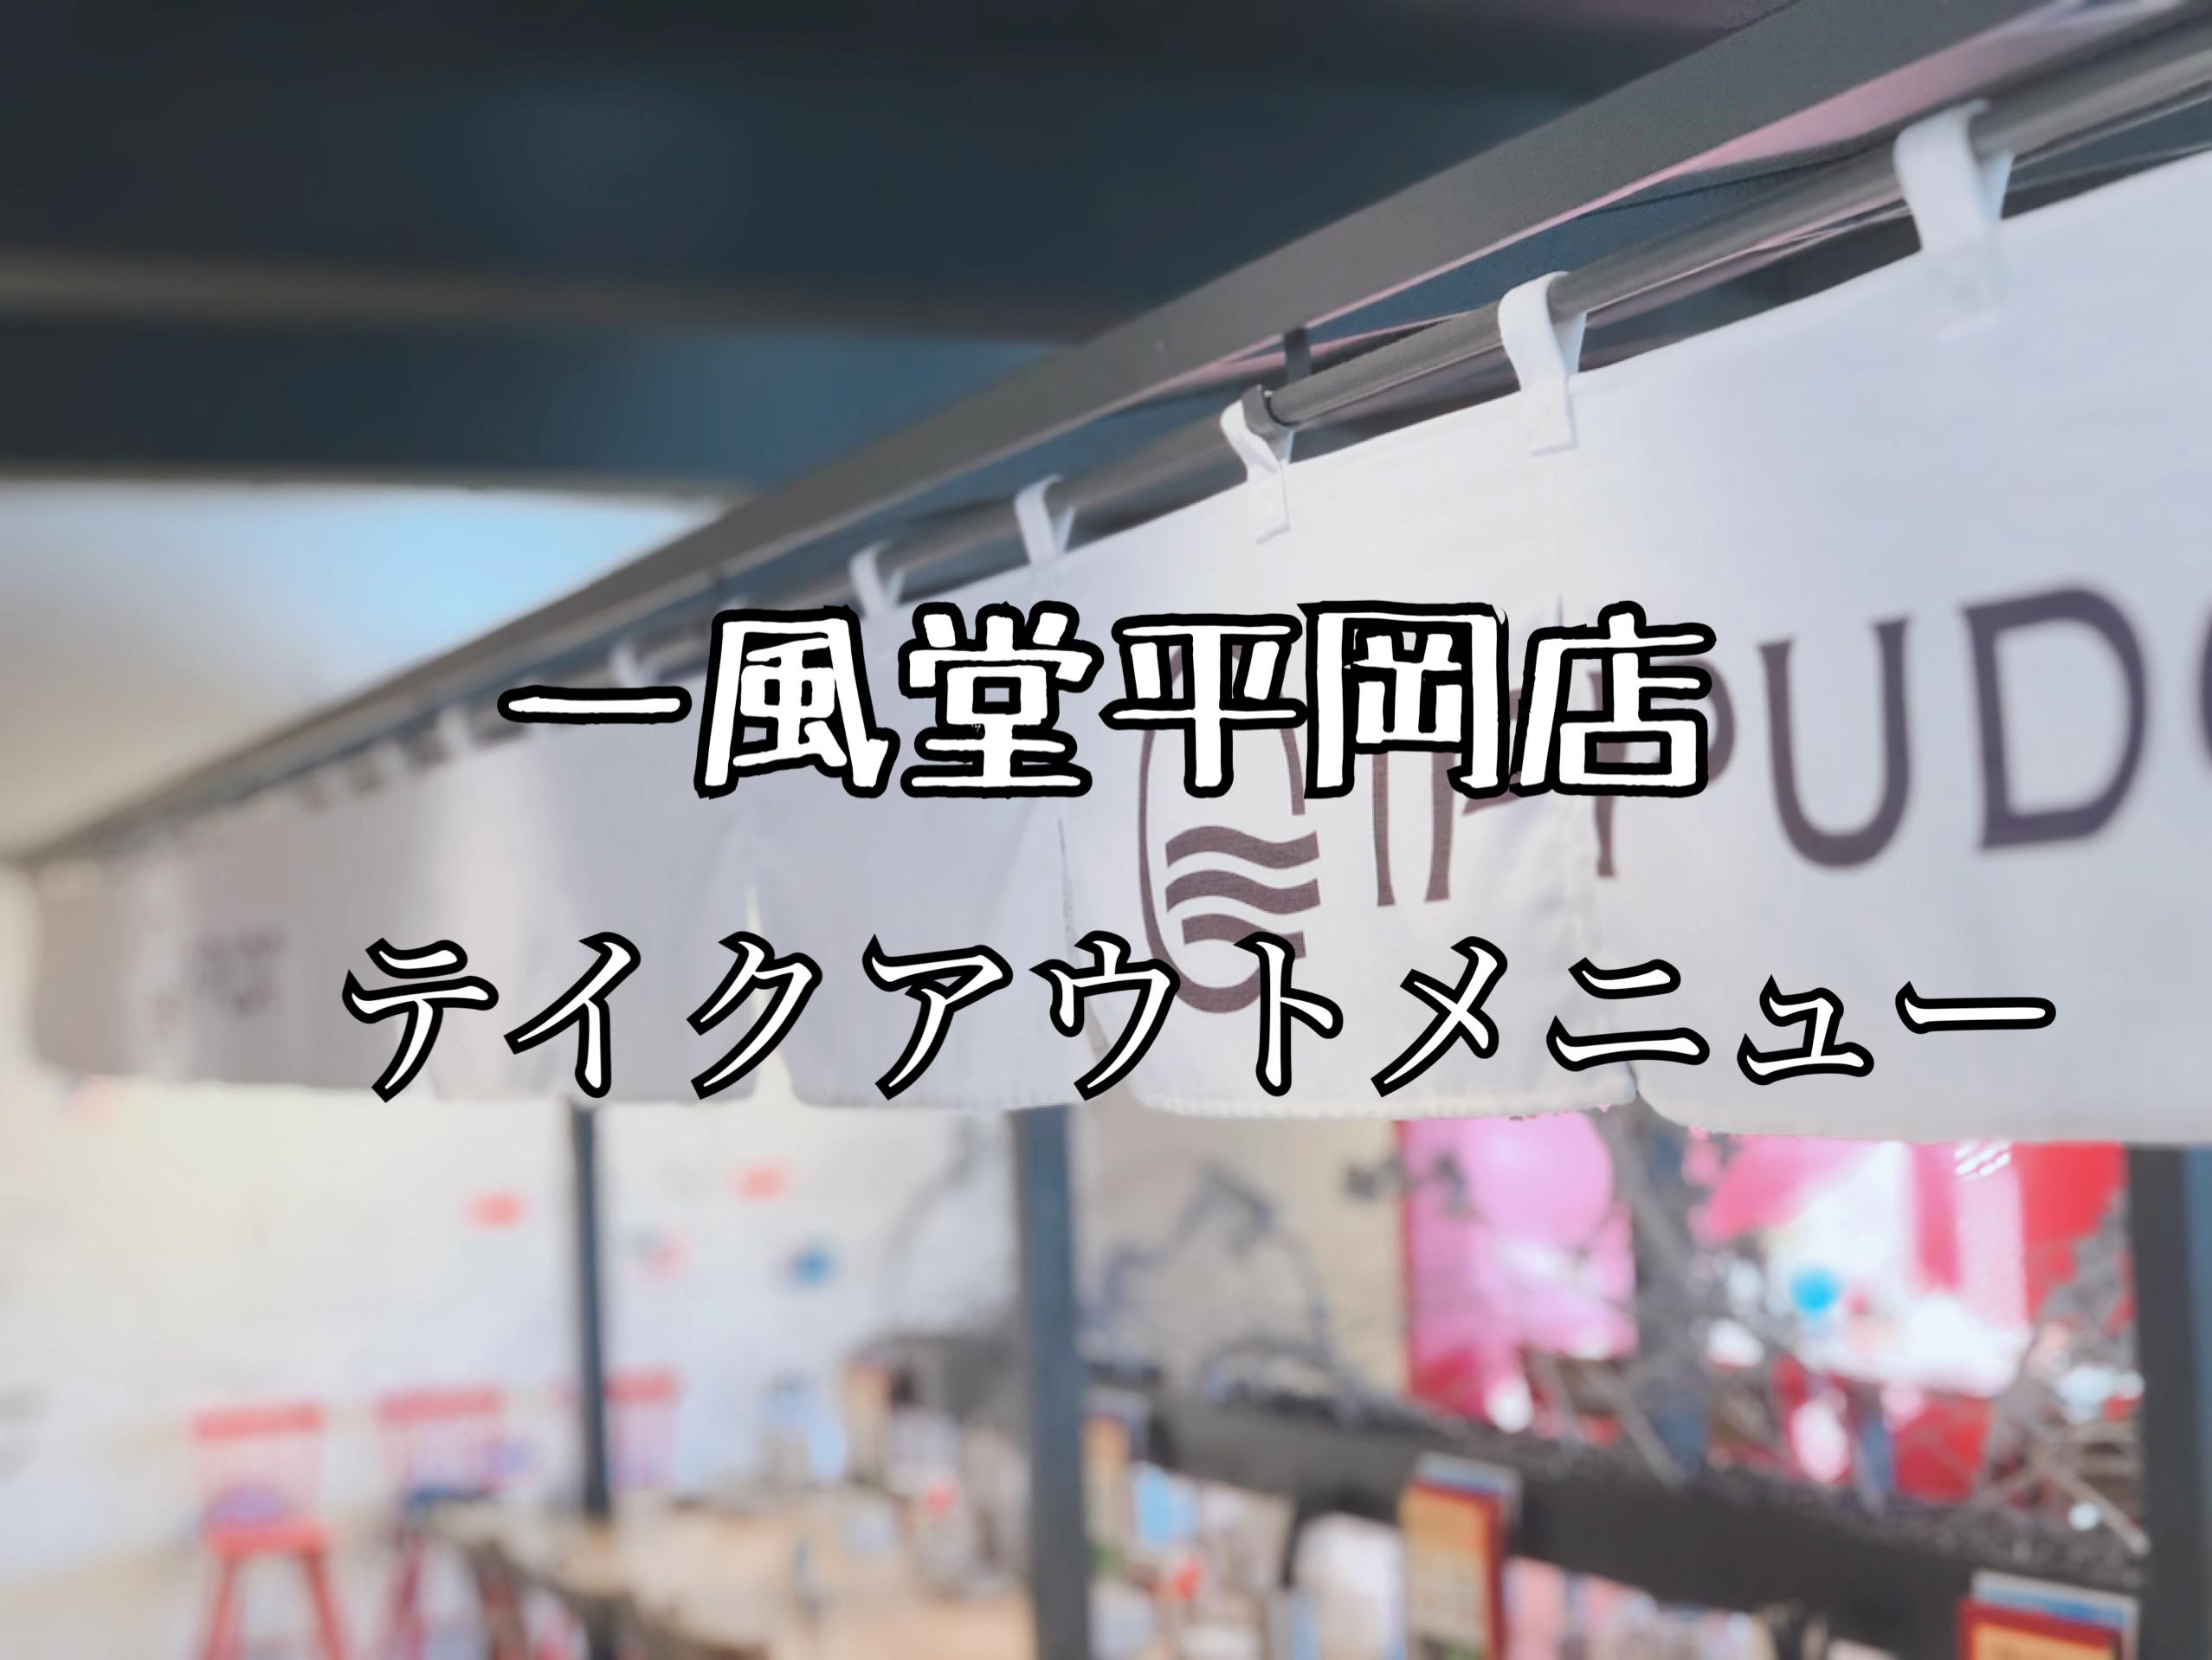 【一風堂】札幌平岡店テイクアウトメニュー!